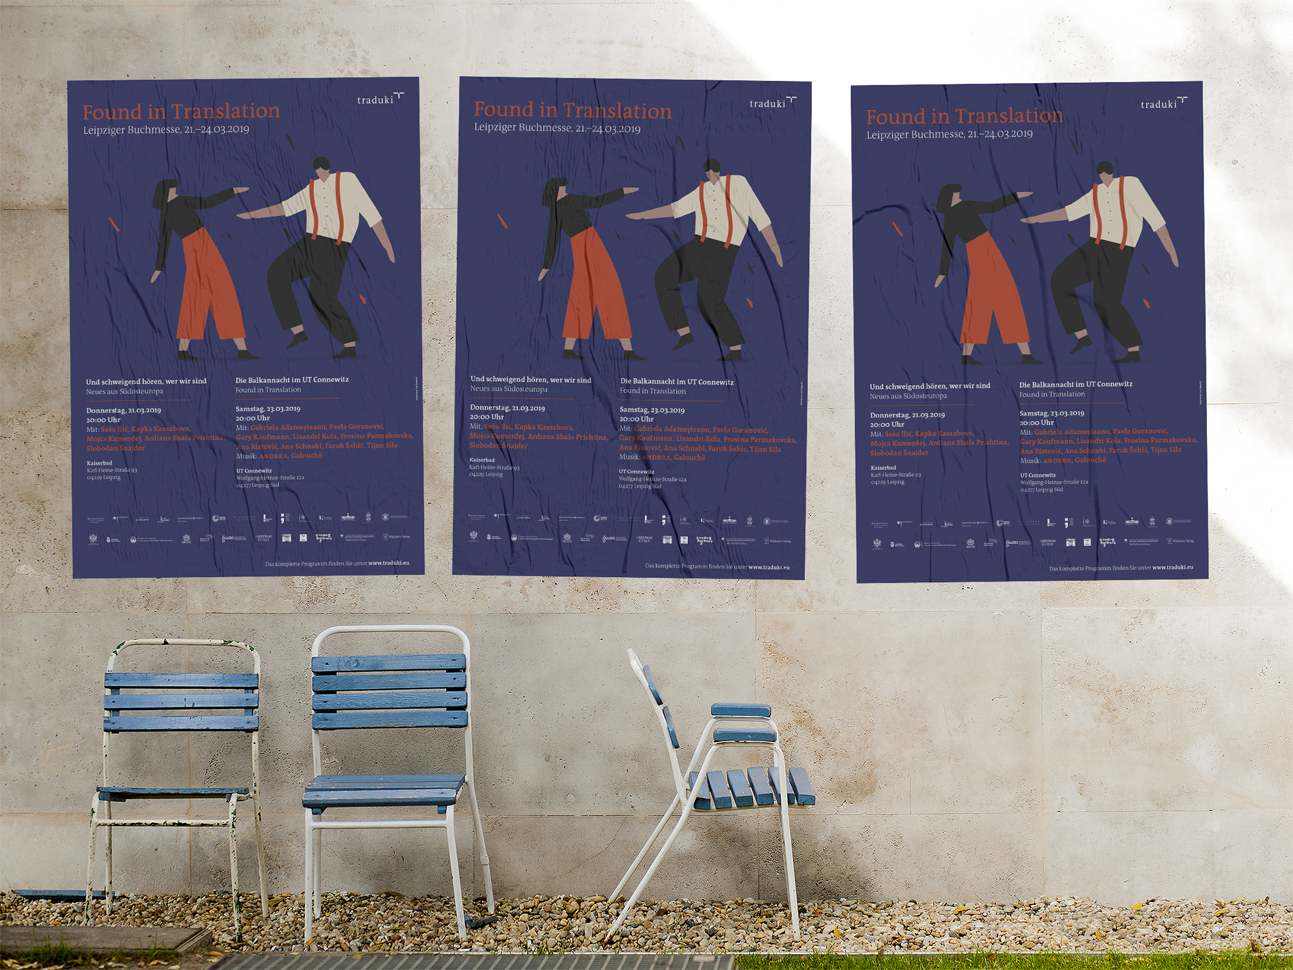 martin zech design, projekt design, traduki, messestand, leipziger buchmesse, 2019, plakat